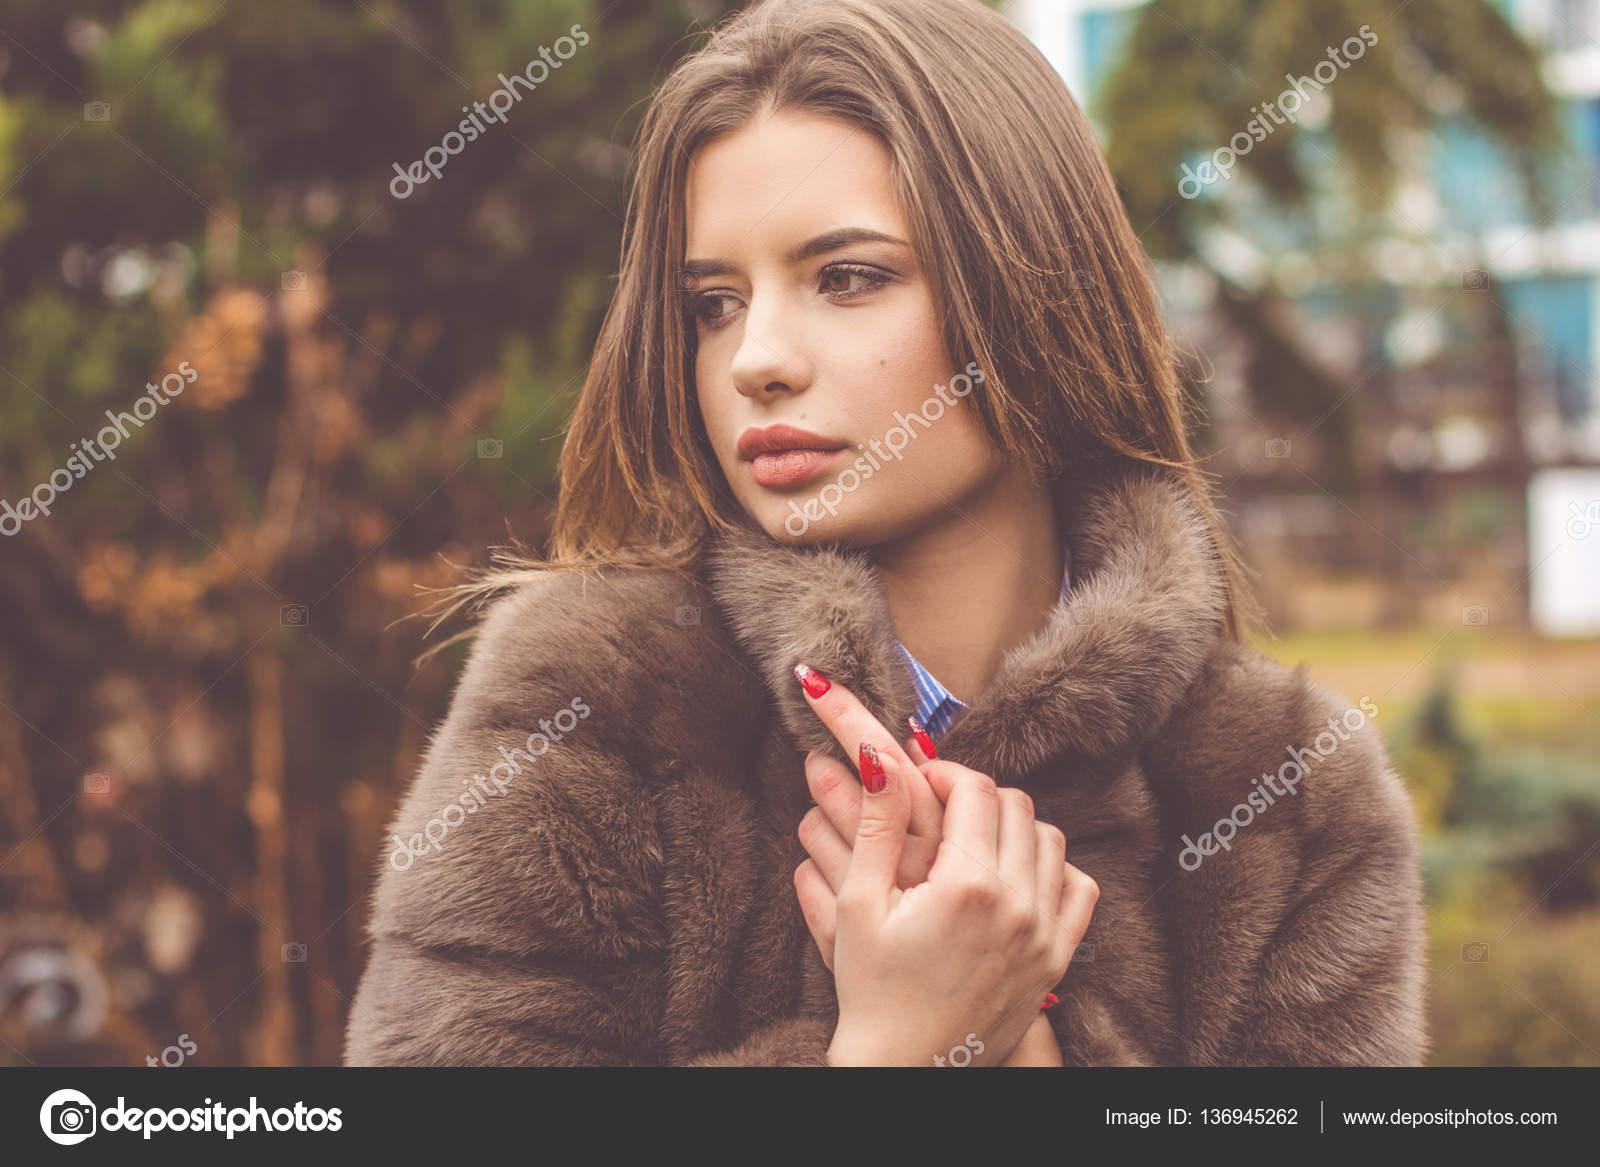 Tizenéves lány szexi fotó